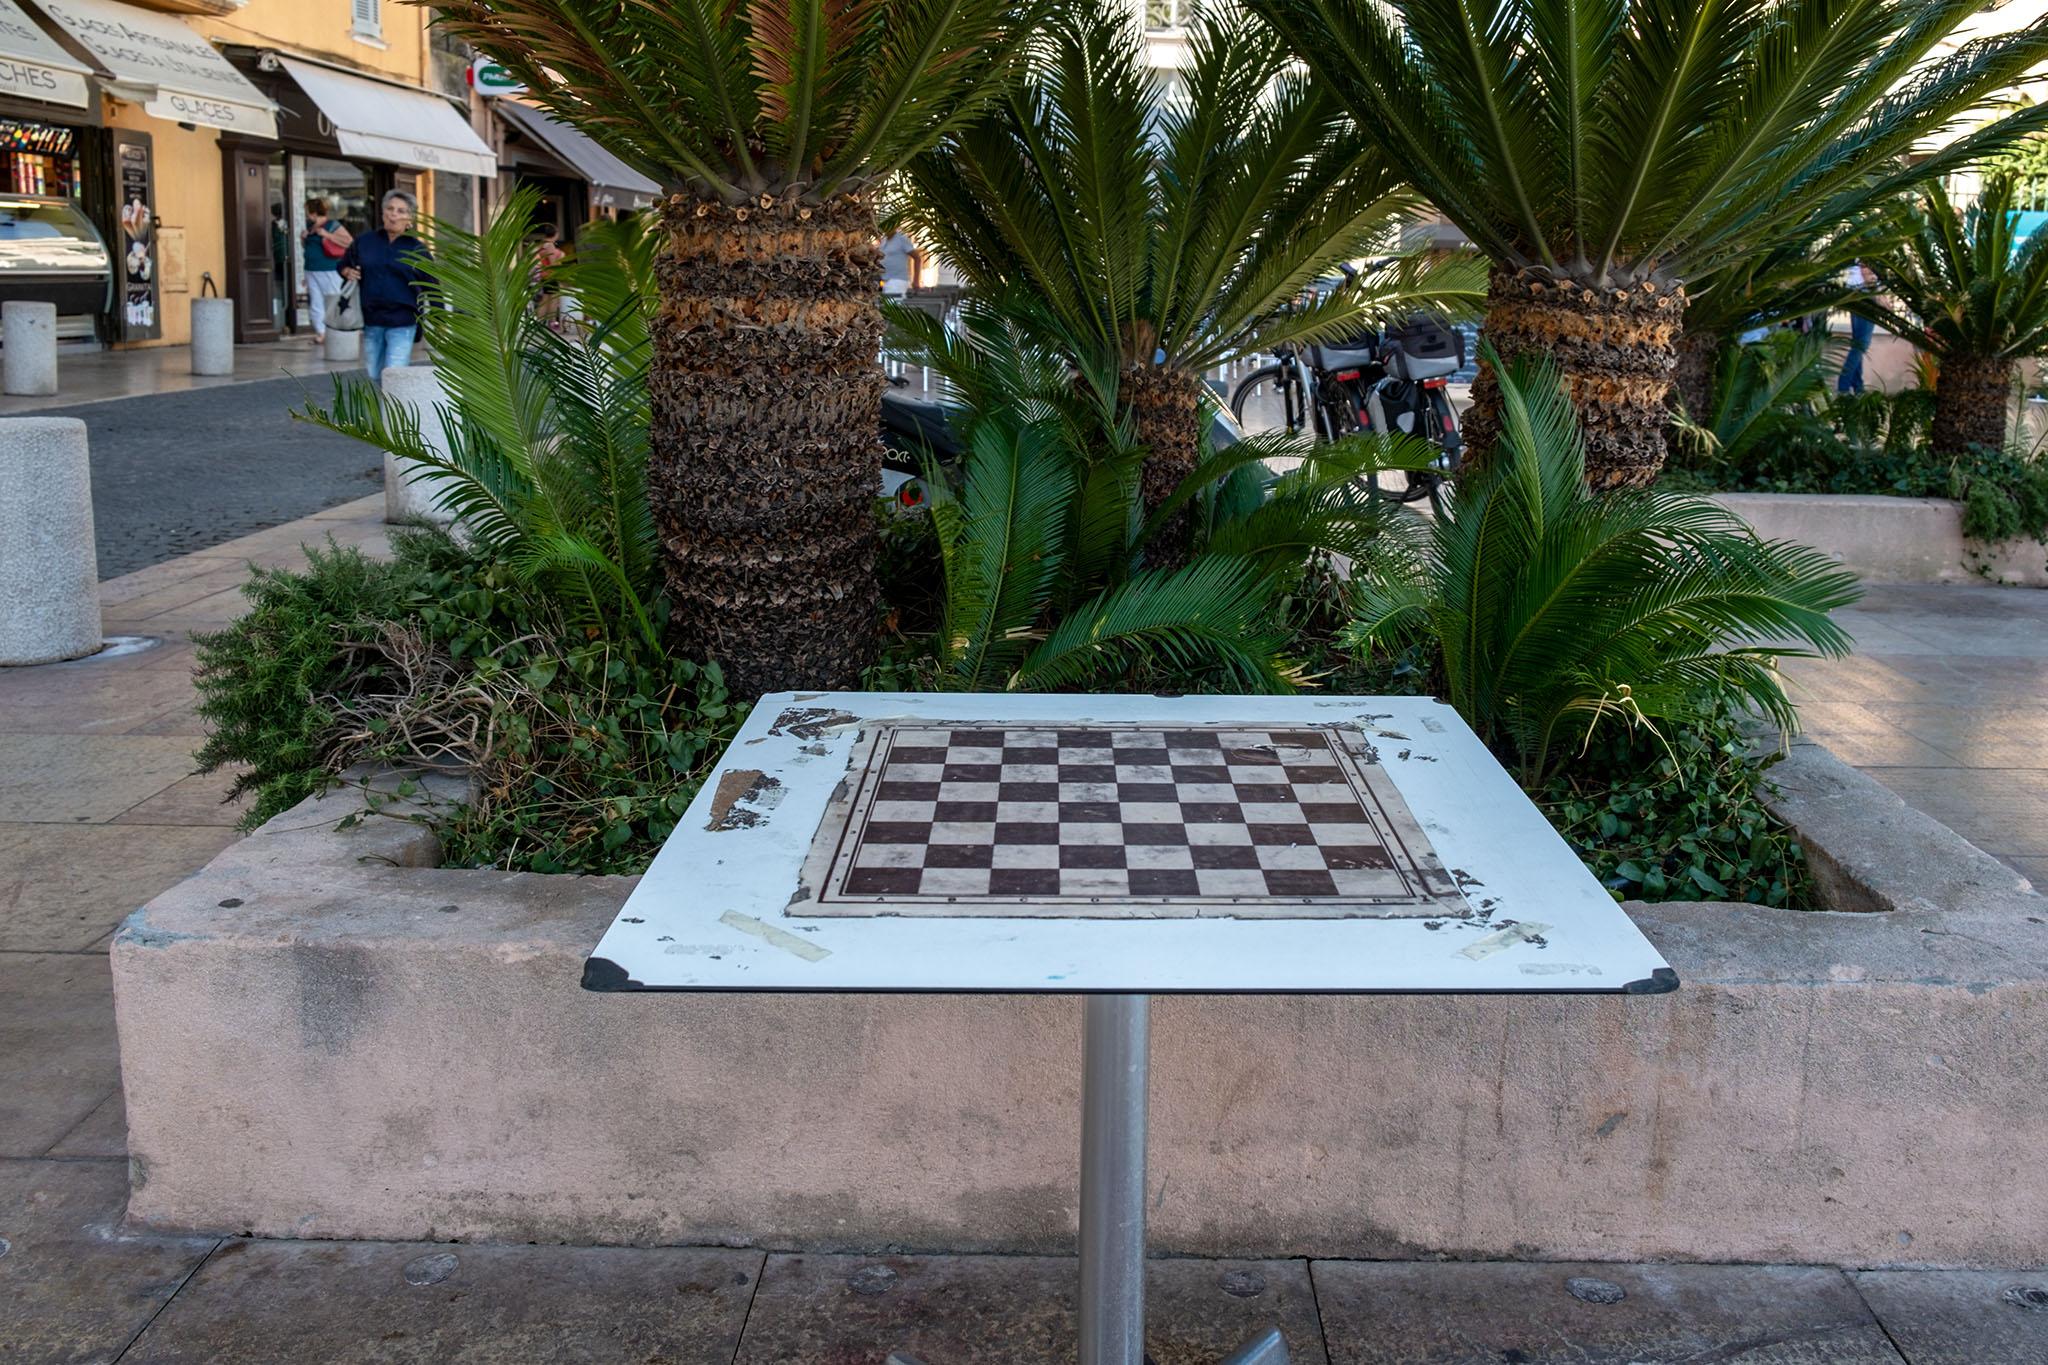 Ein Tisch mit aufgemaltem Schachbrett lädt zum Spielen ein